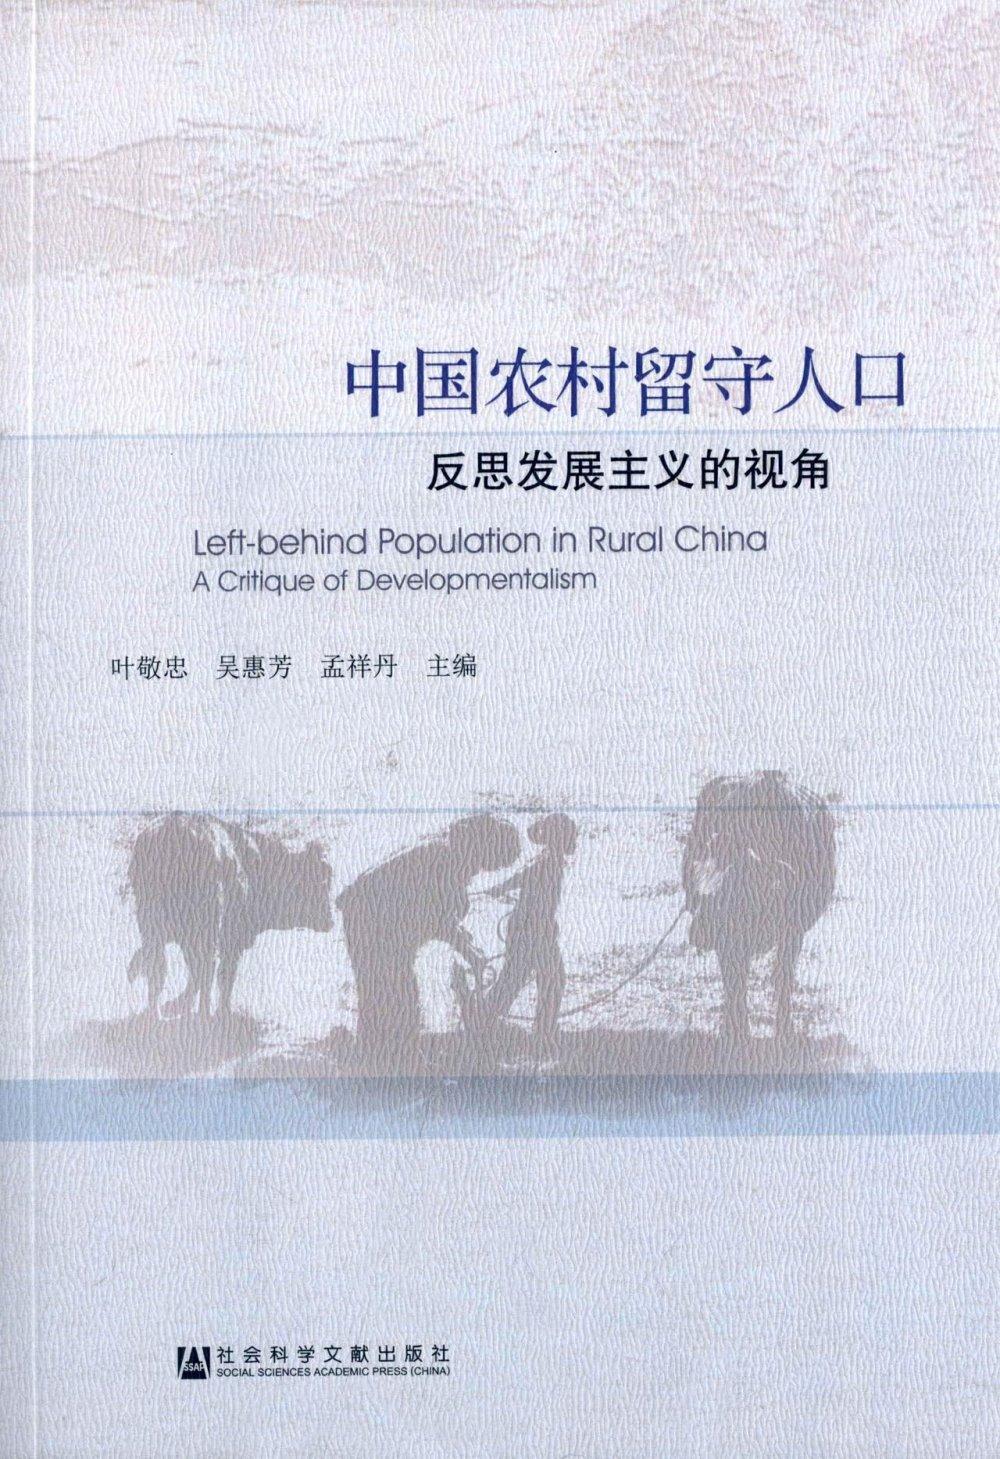 中國農村留守人口:反思發展主義的視角